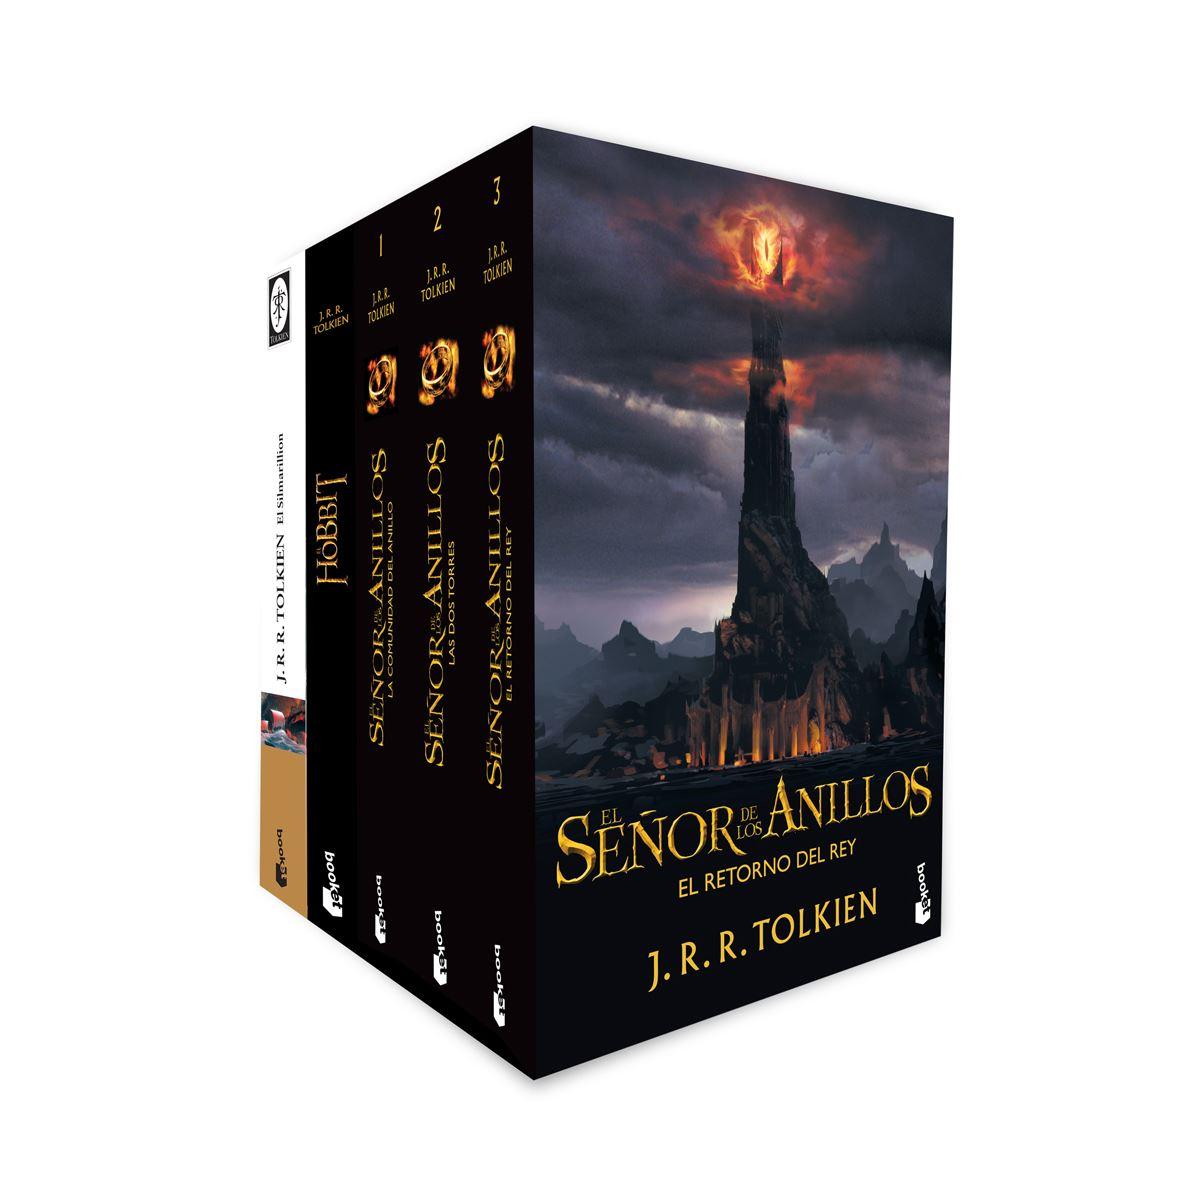 Paquete J. R. R. Tolkien 5 libros